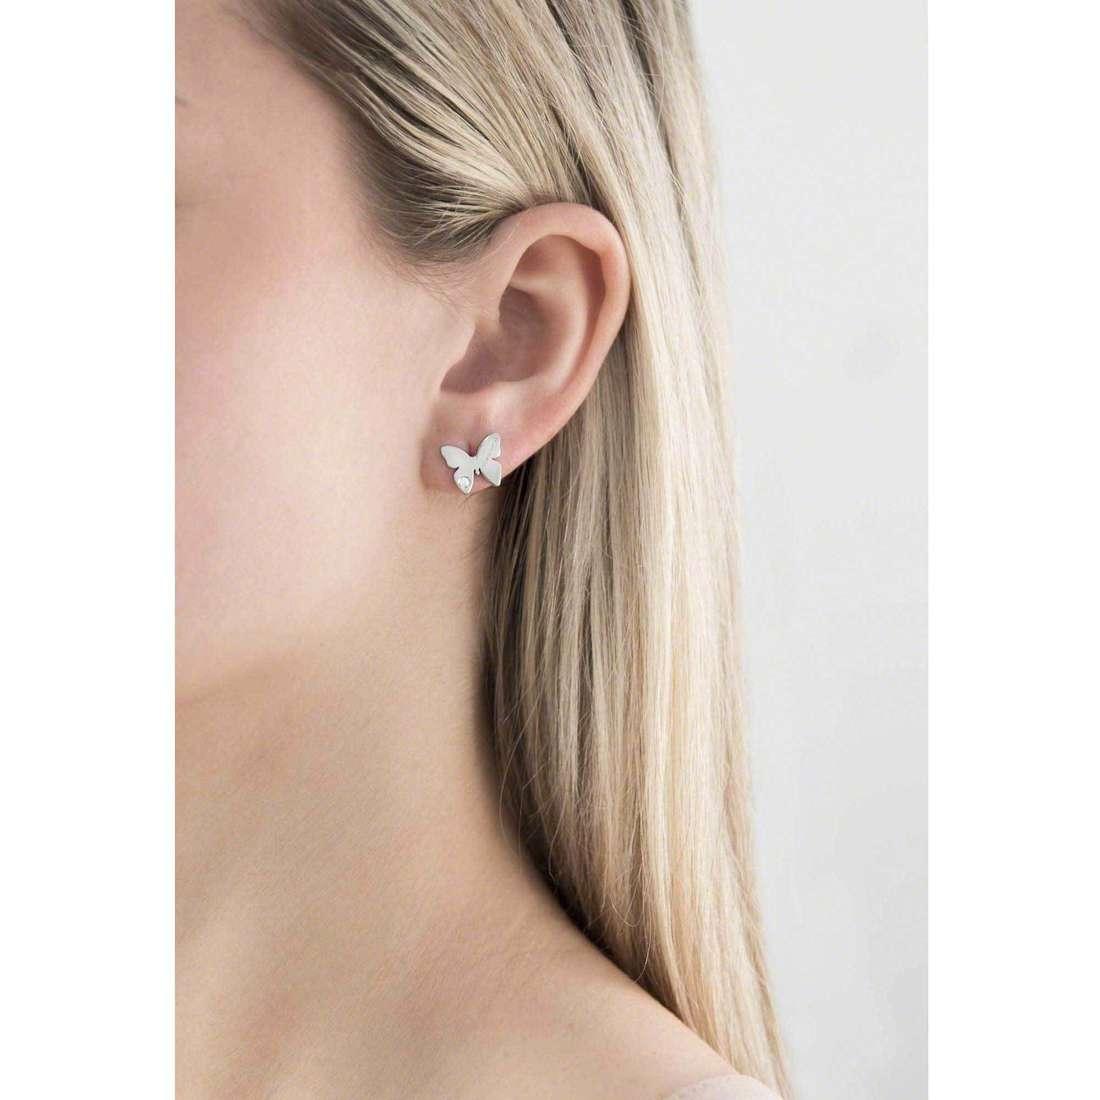 Nomination orecchini Butterfly donna 021308/001 indosso